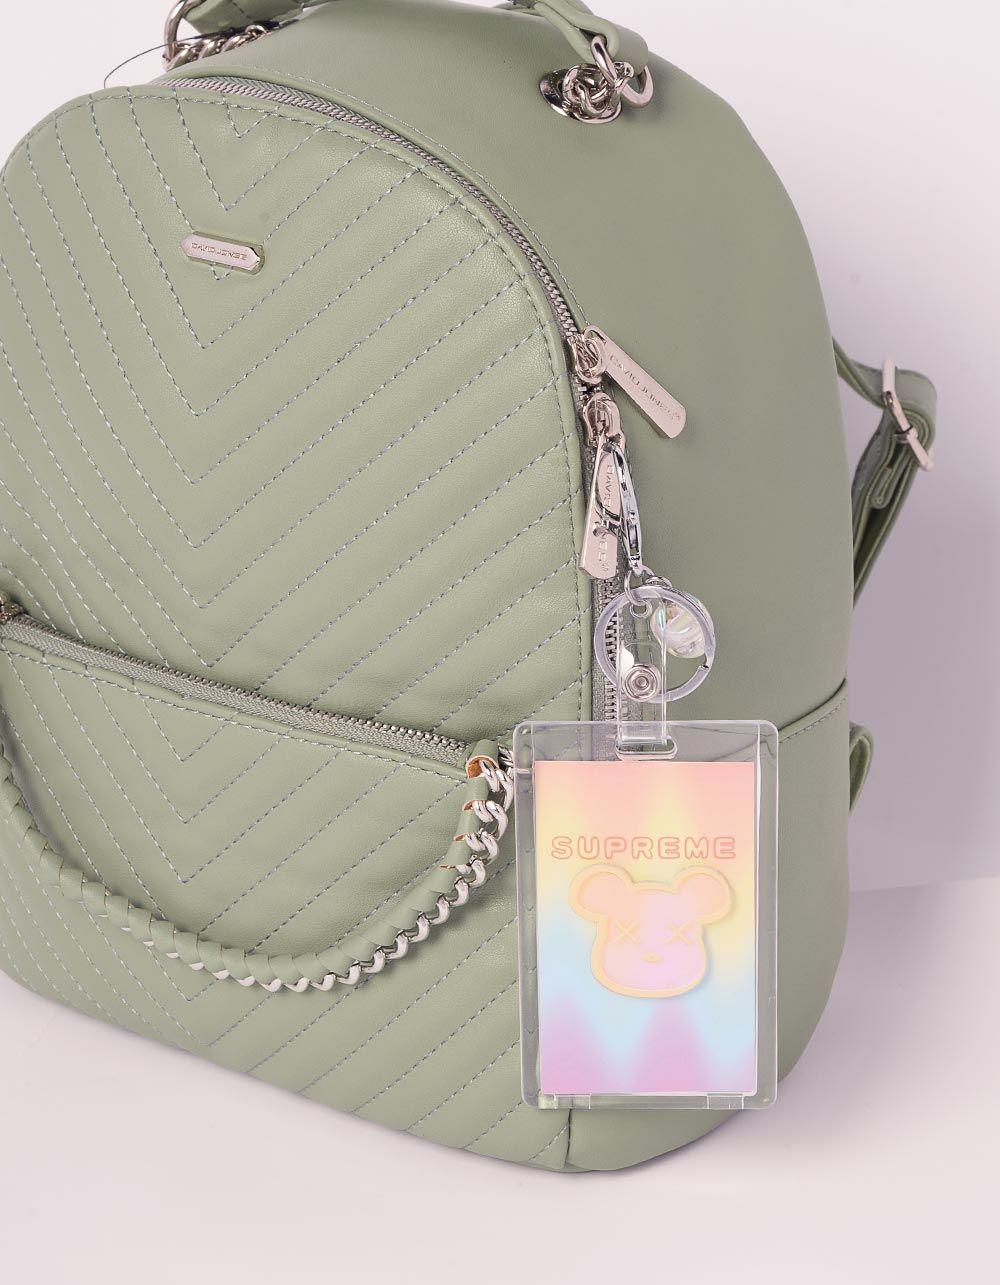 Брелок на сумку картхолдер із зображенням KAWS | 239182-21-XX